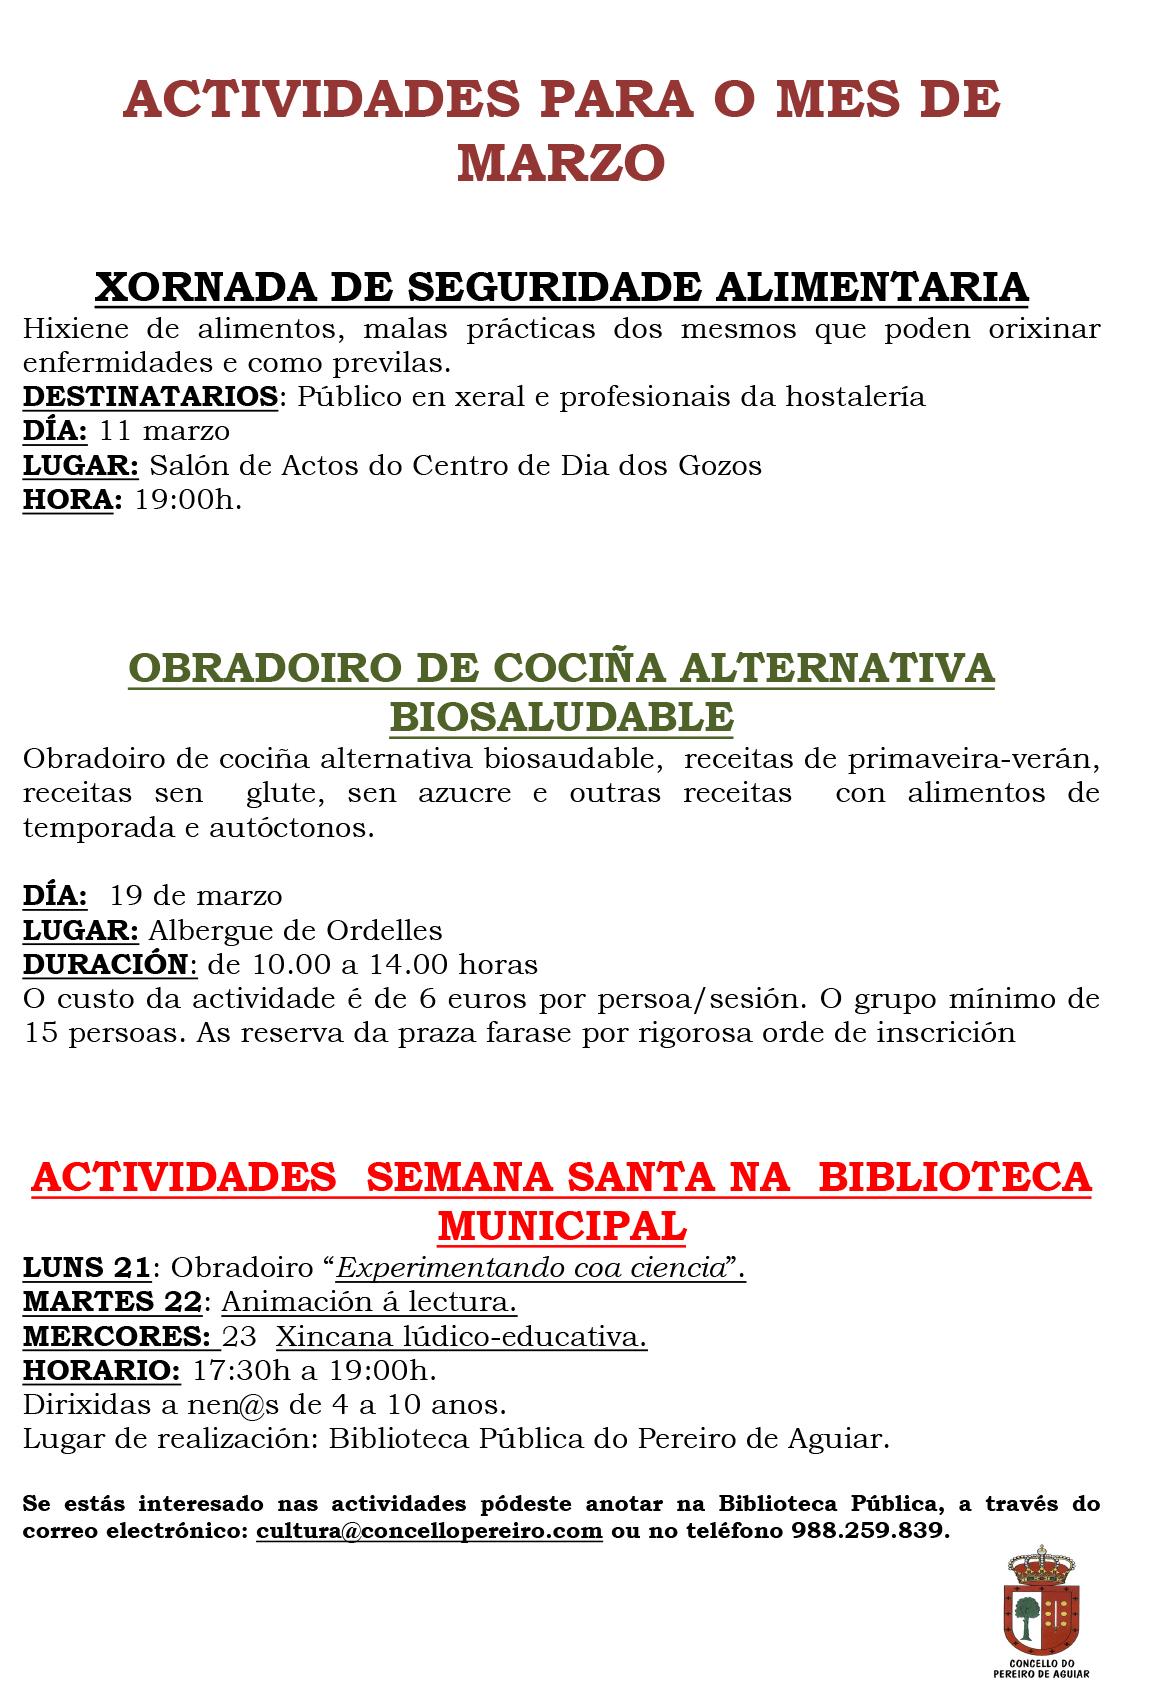 Microsoft Word - BANDO ACTIVIDADES MES DE MARZO _1_.doc